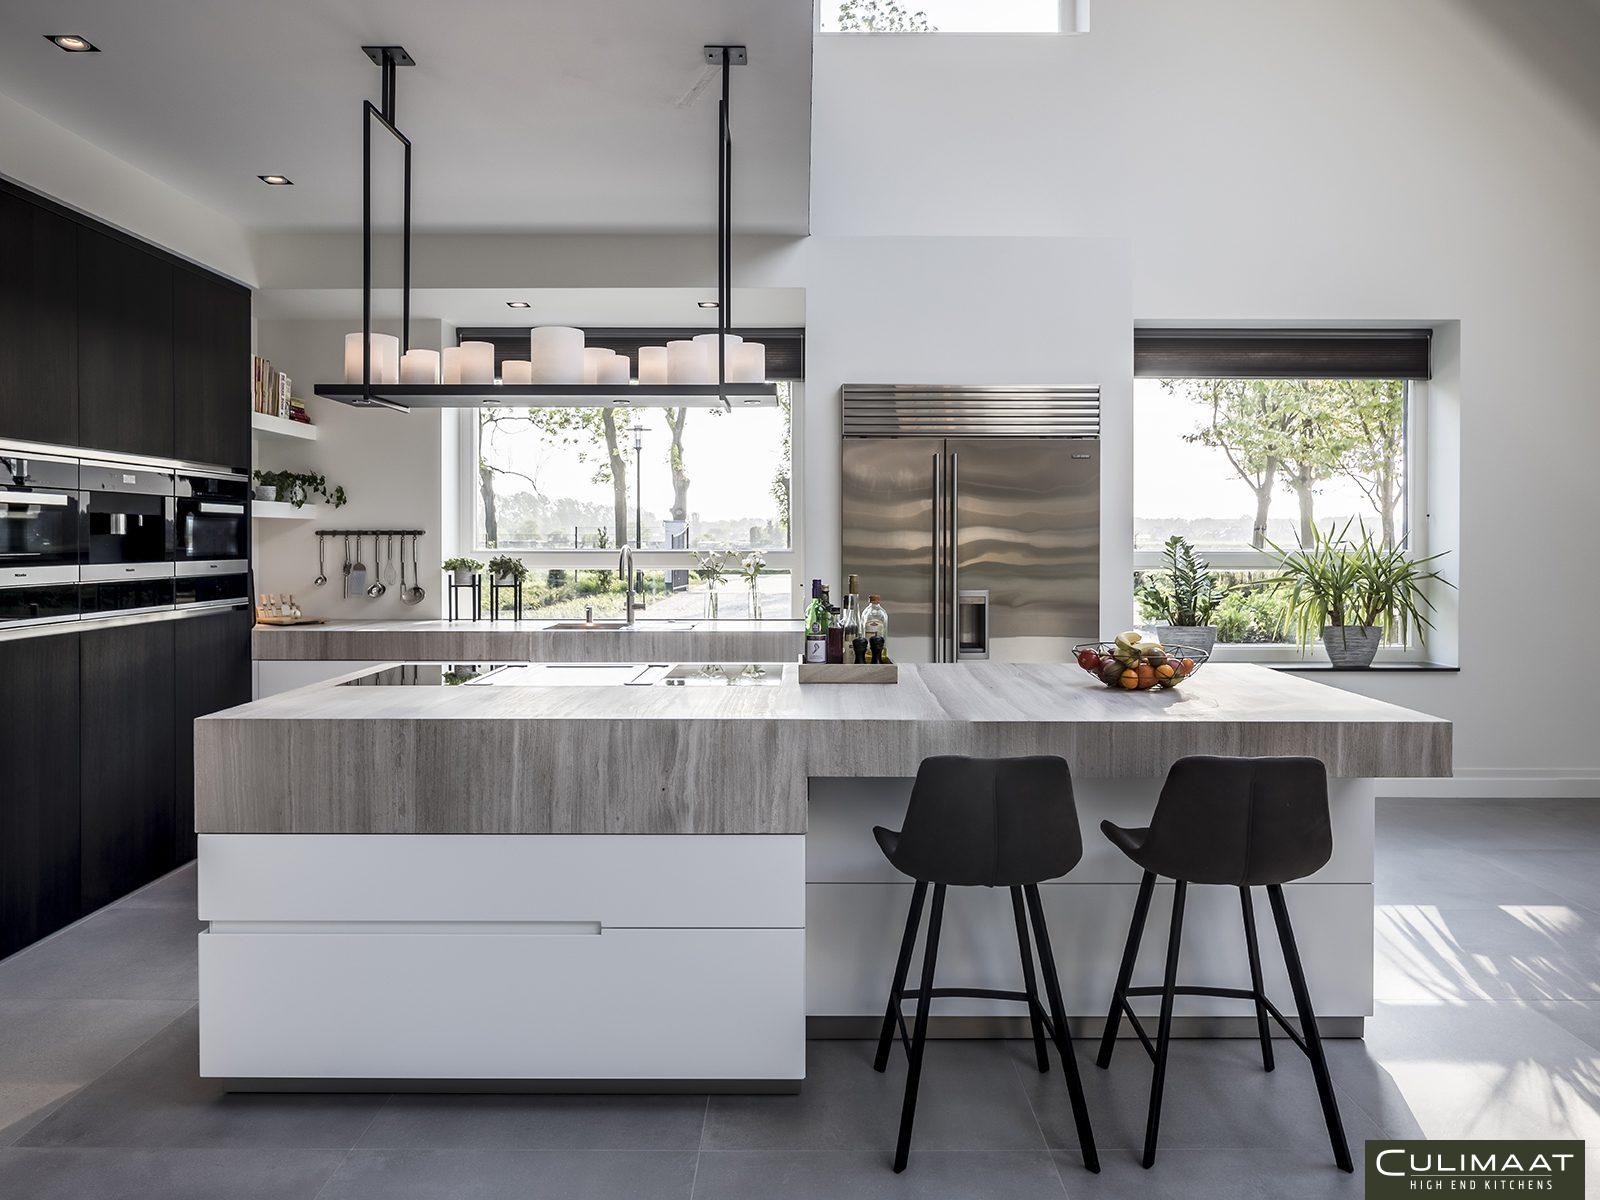 Keuken inspiratie, culimaat, U vorm, keukenopstelling, exclusieve keuken